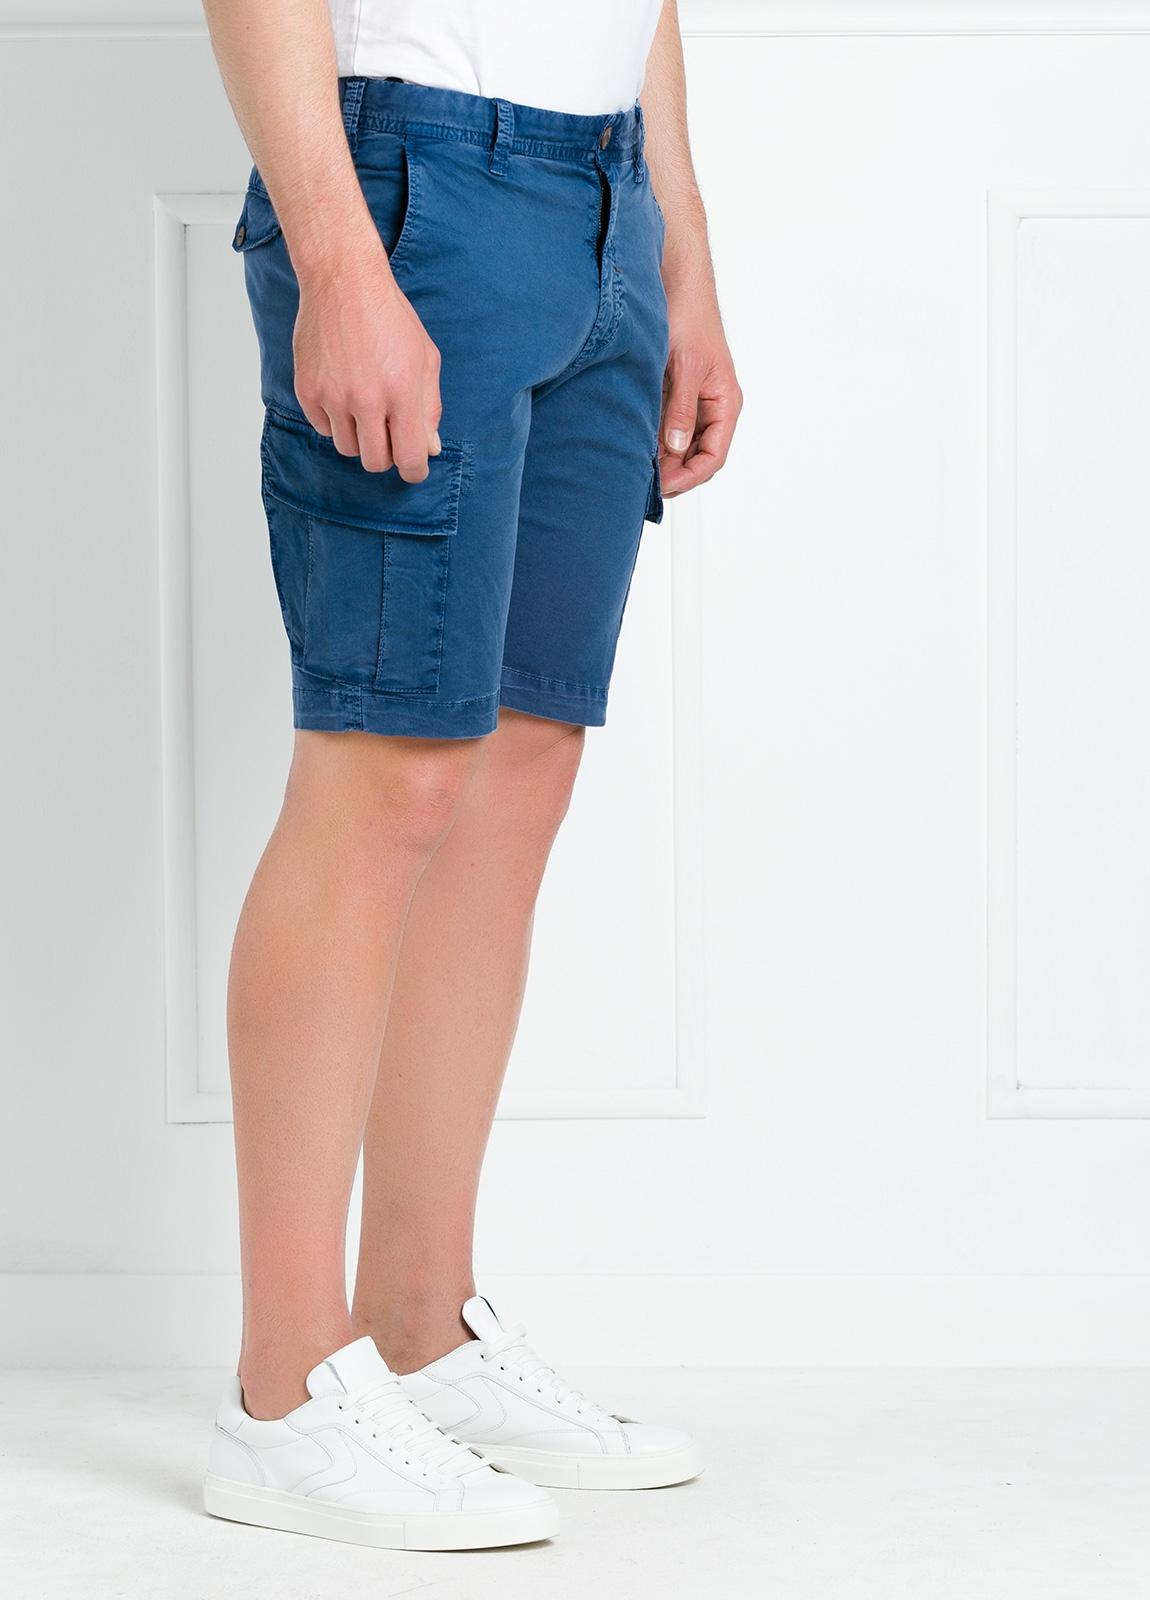 Bermuda modelo BILL 334 slim fit con bolsillos laterales. Color azul.